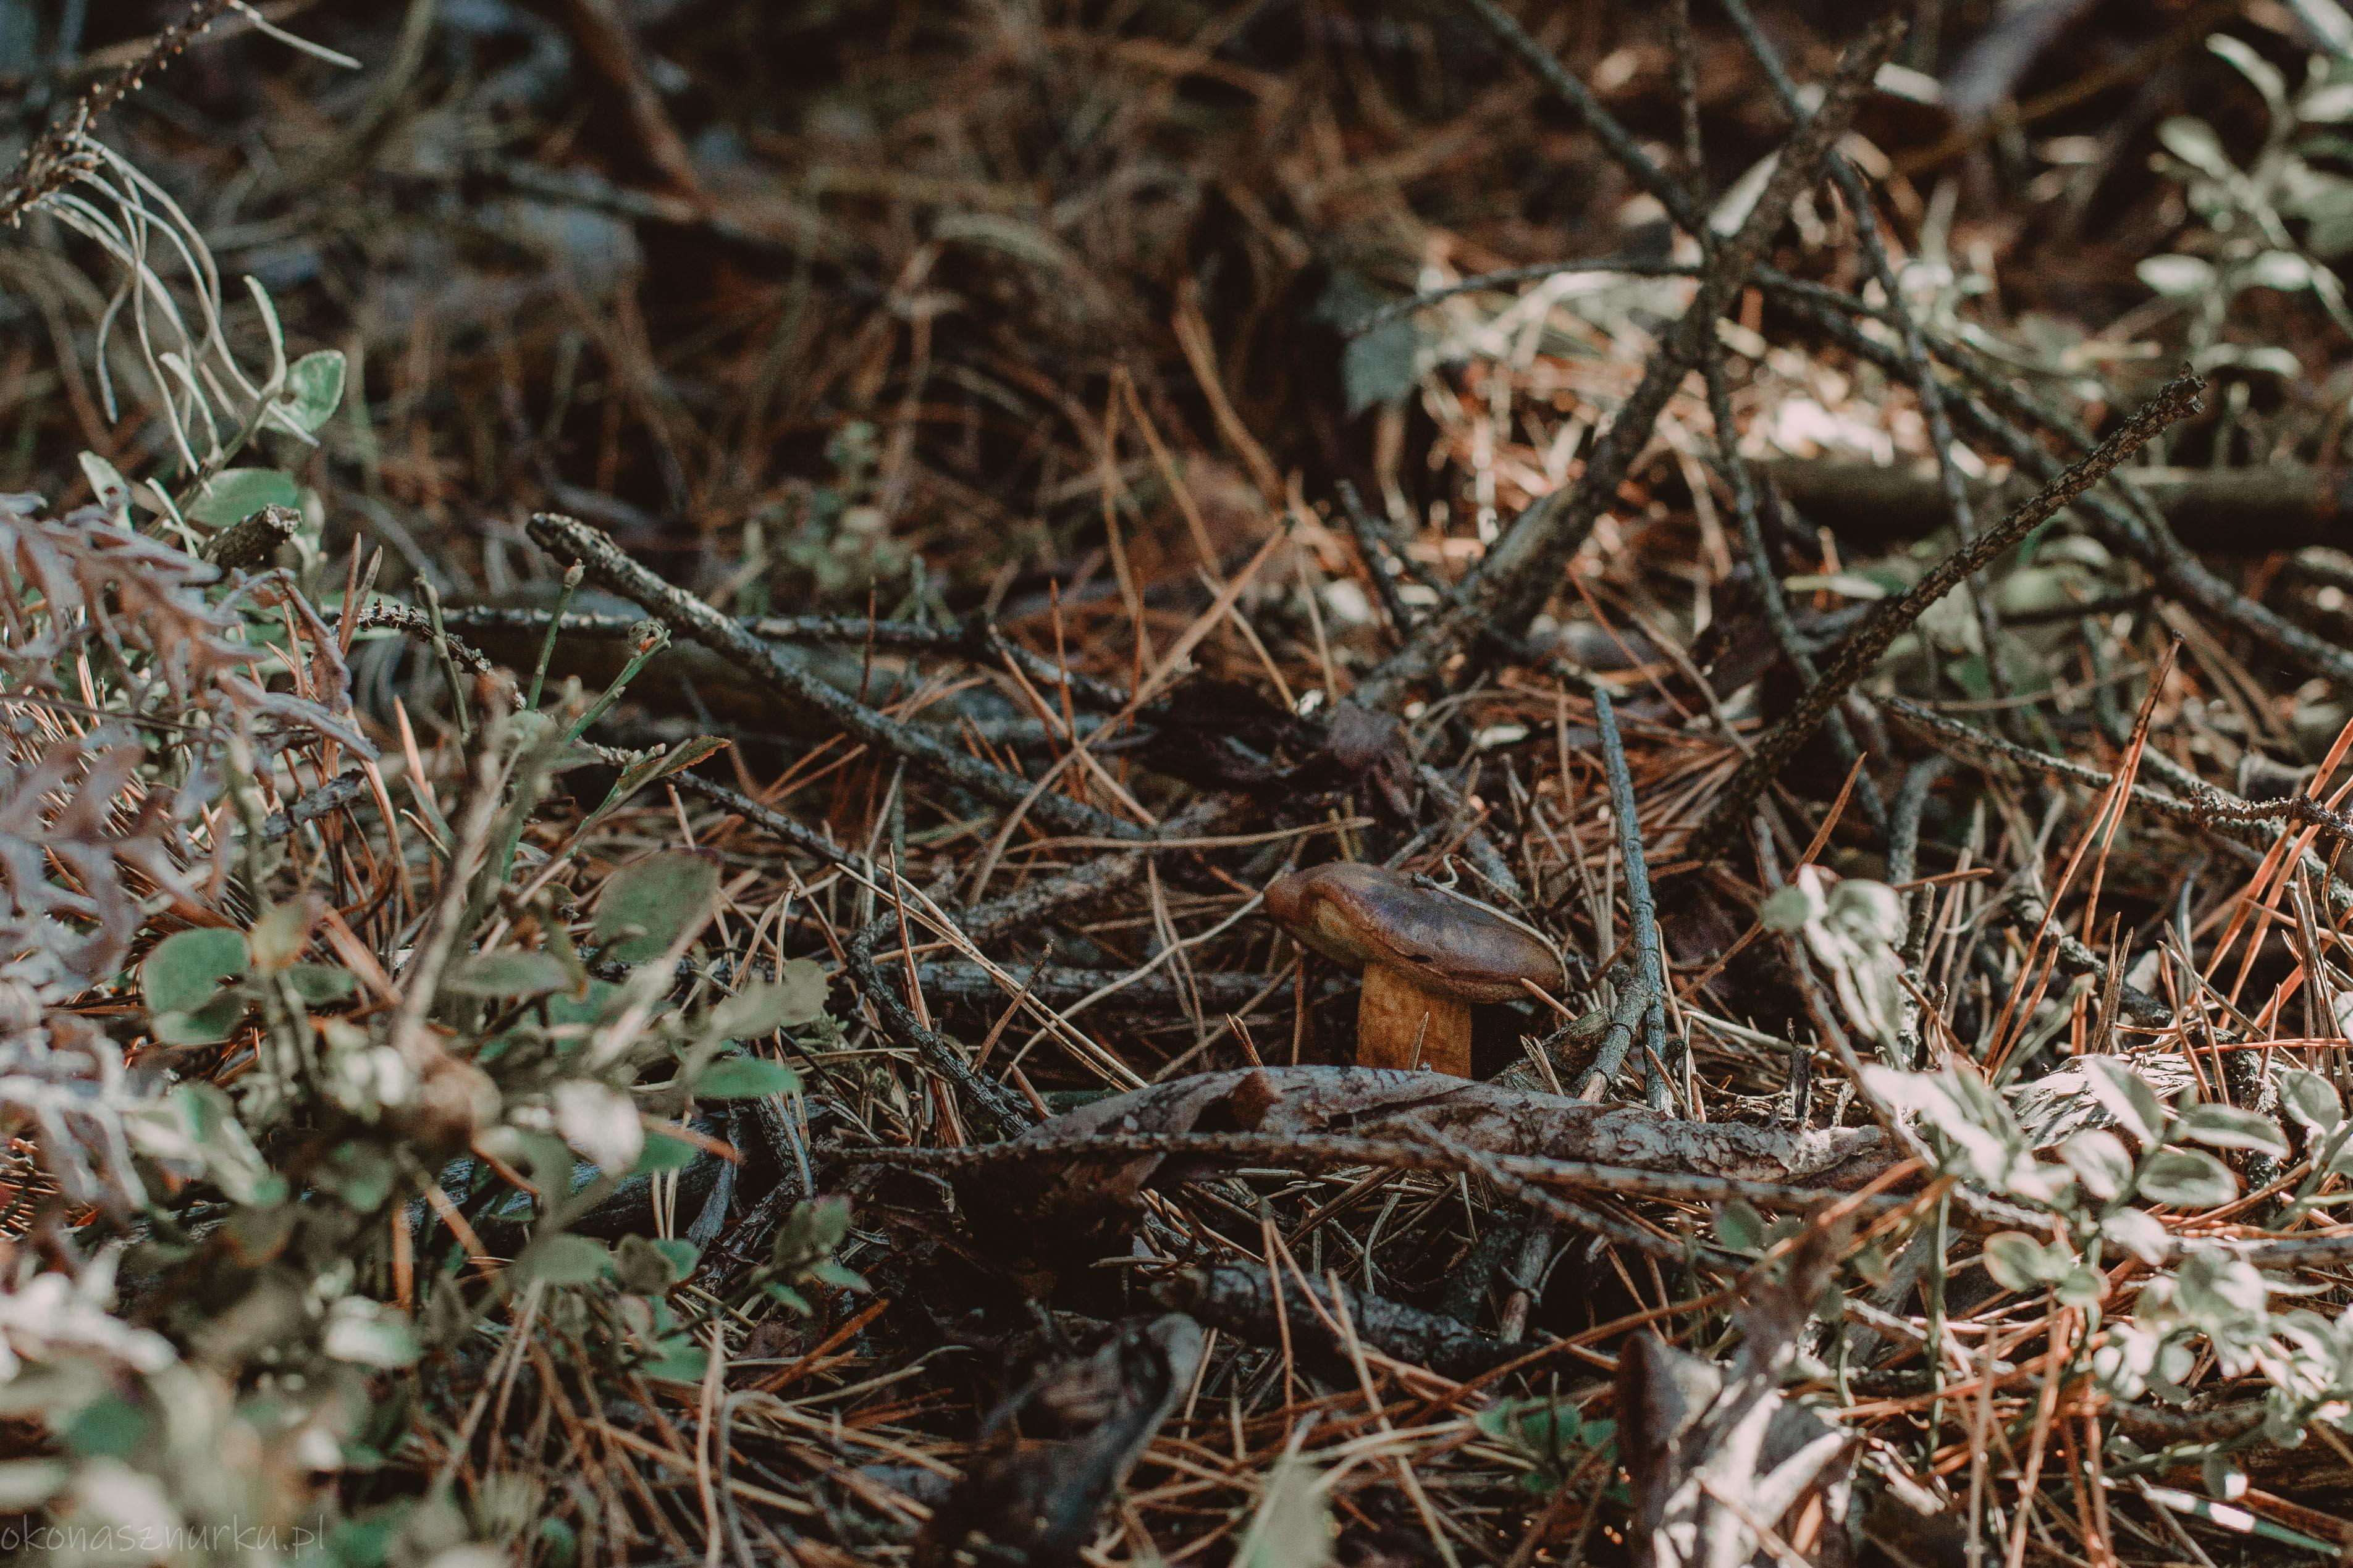 grzybobranie-okonasznurku (19)